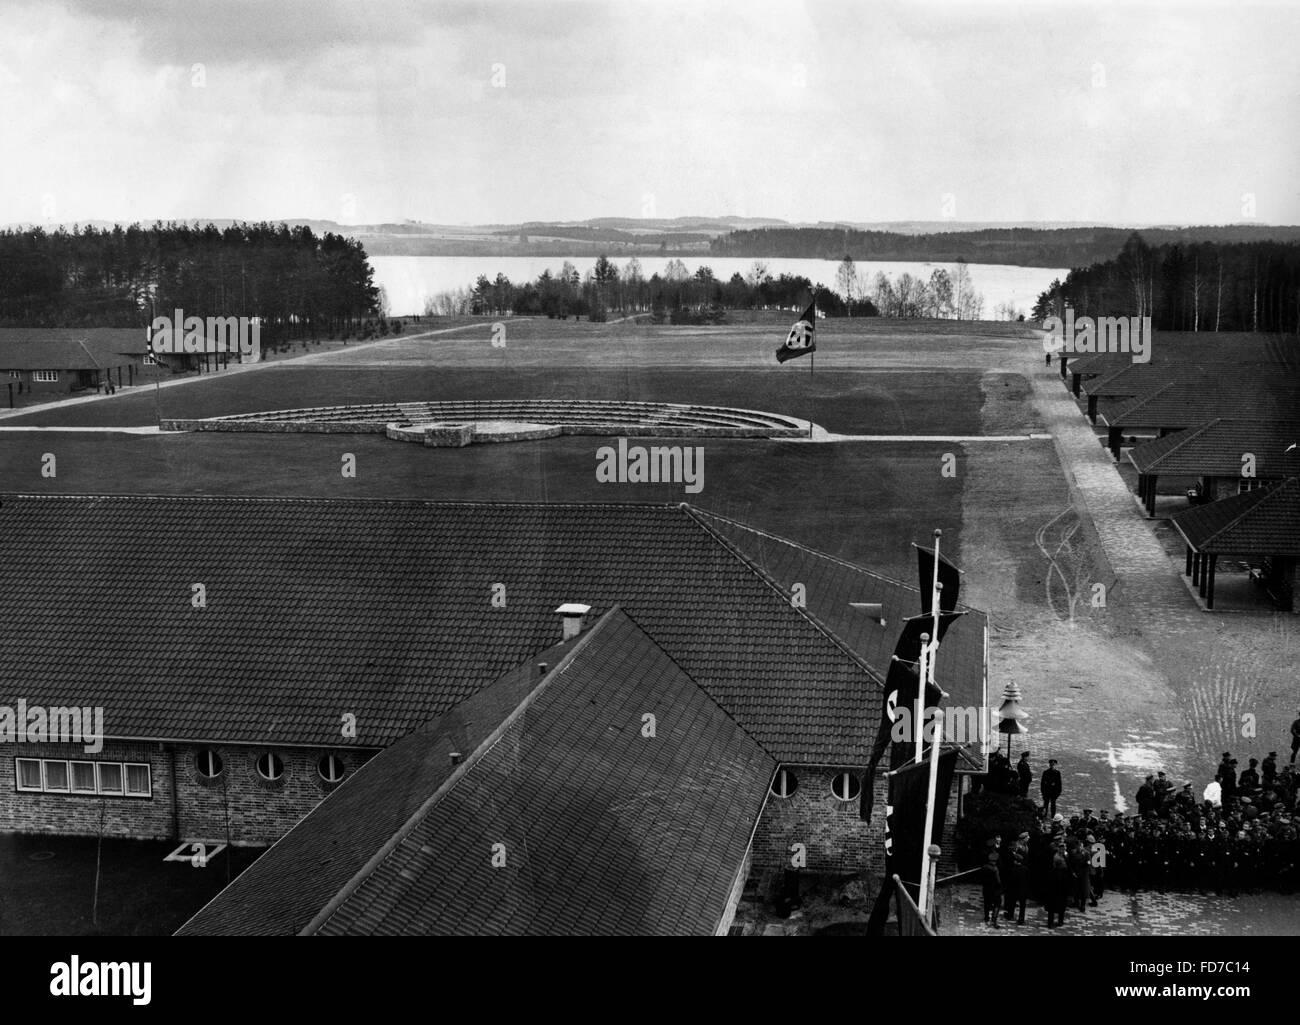 Ordensburg Kroessinsee in Pomerania, 1936 - Stock Image